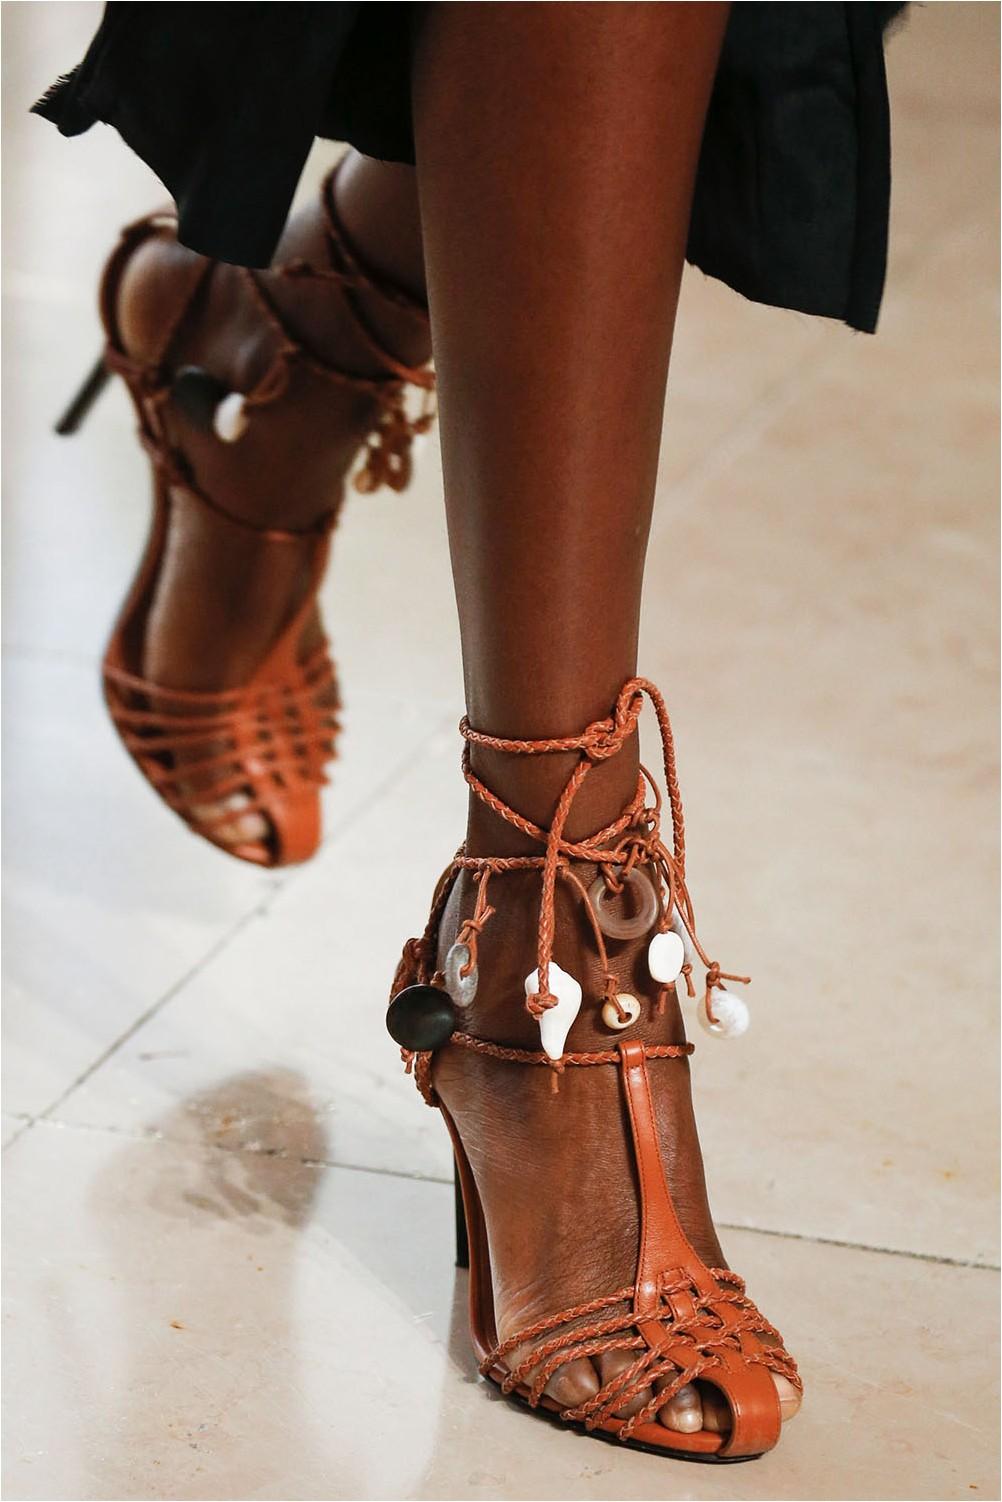 Strap Shoes Altuzarra